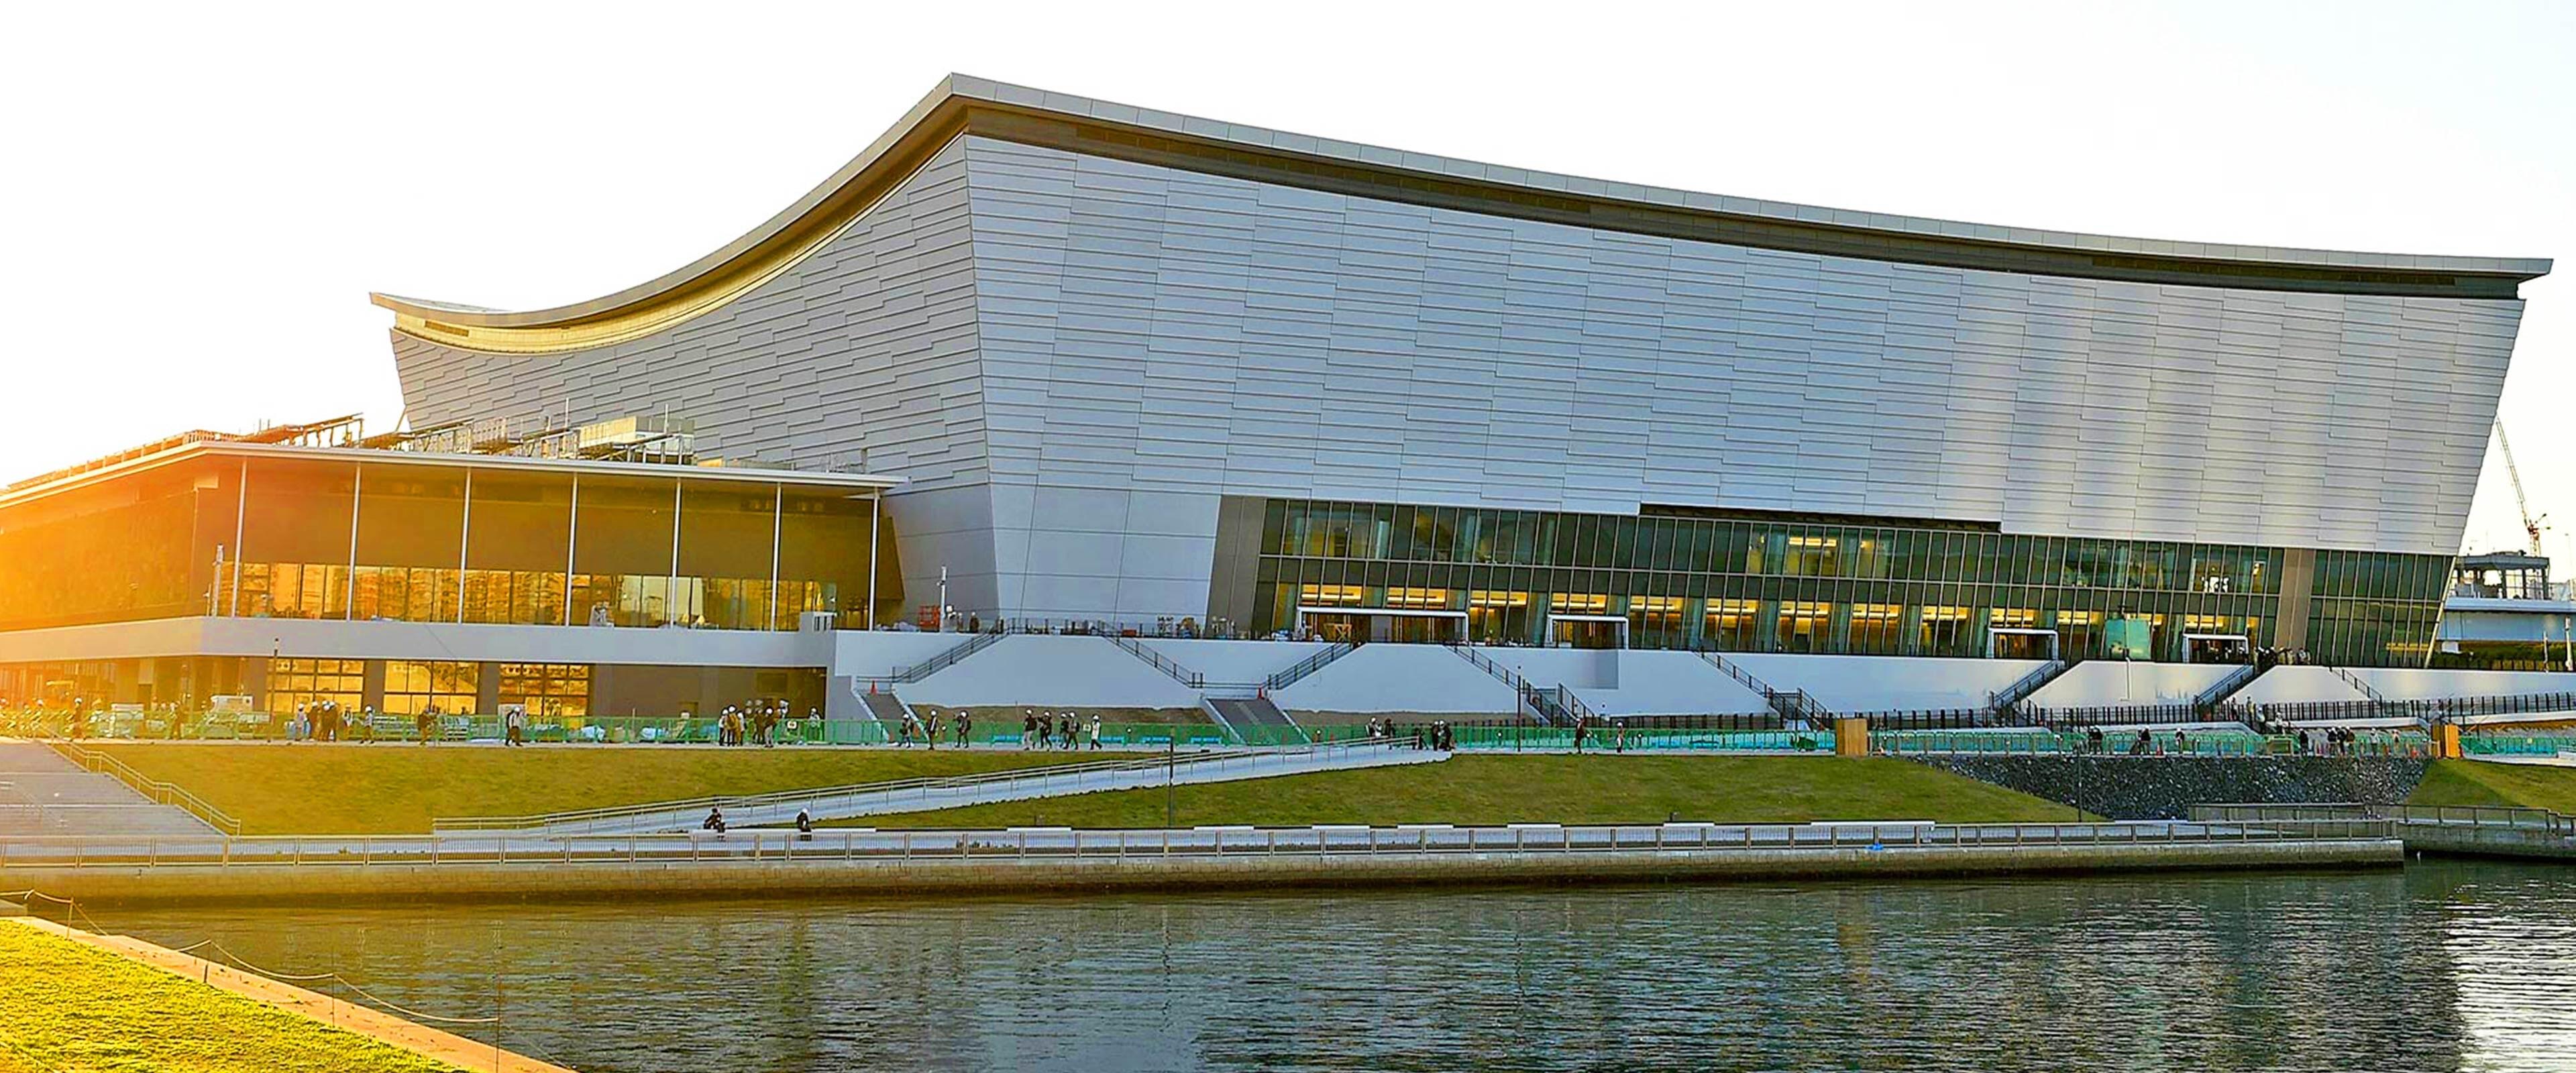 Ariake Aquatics center